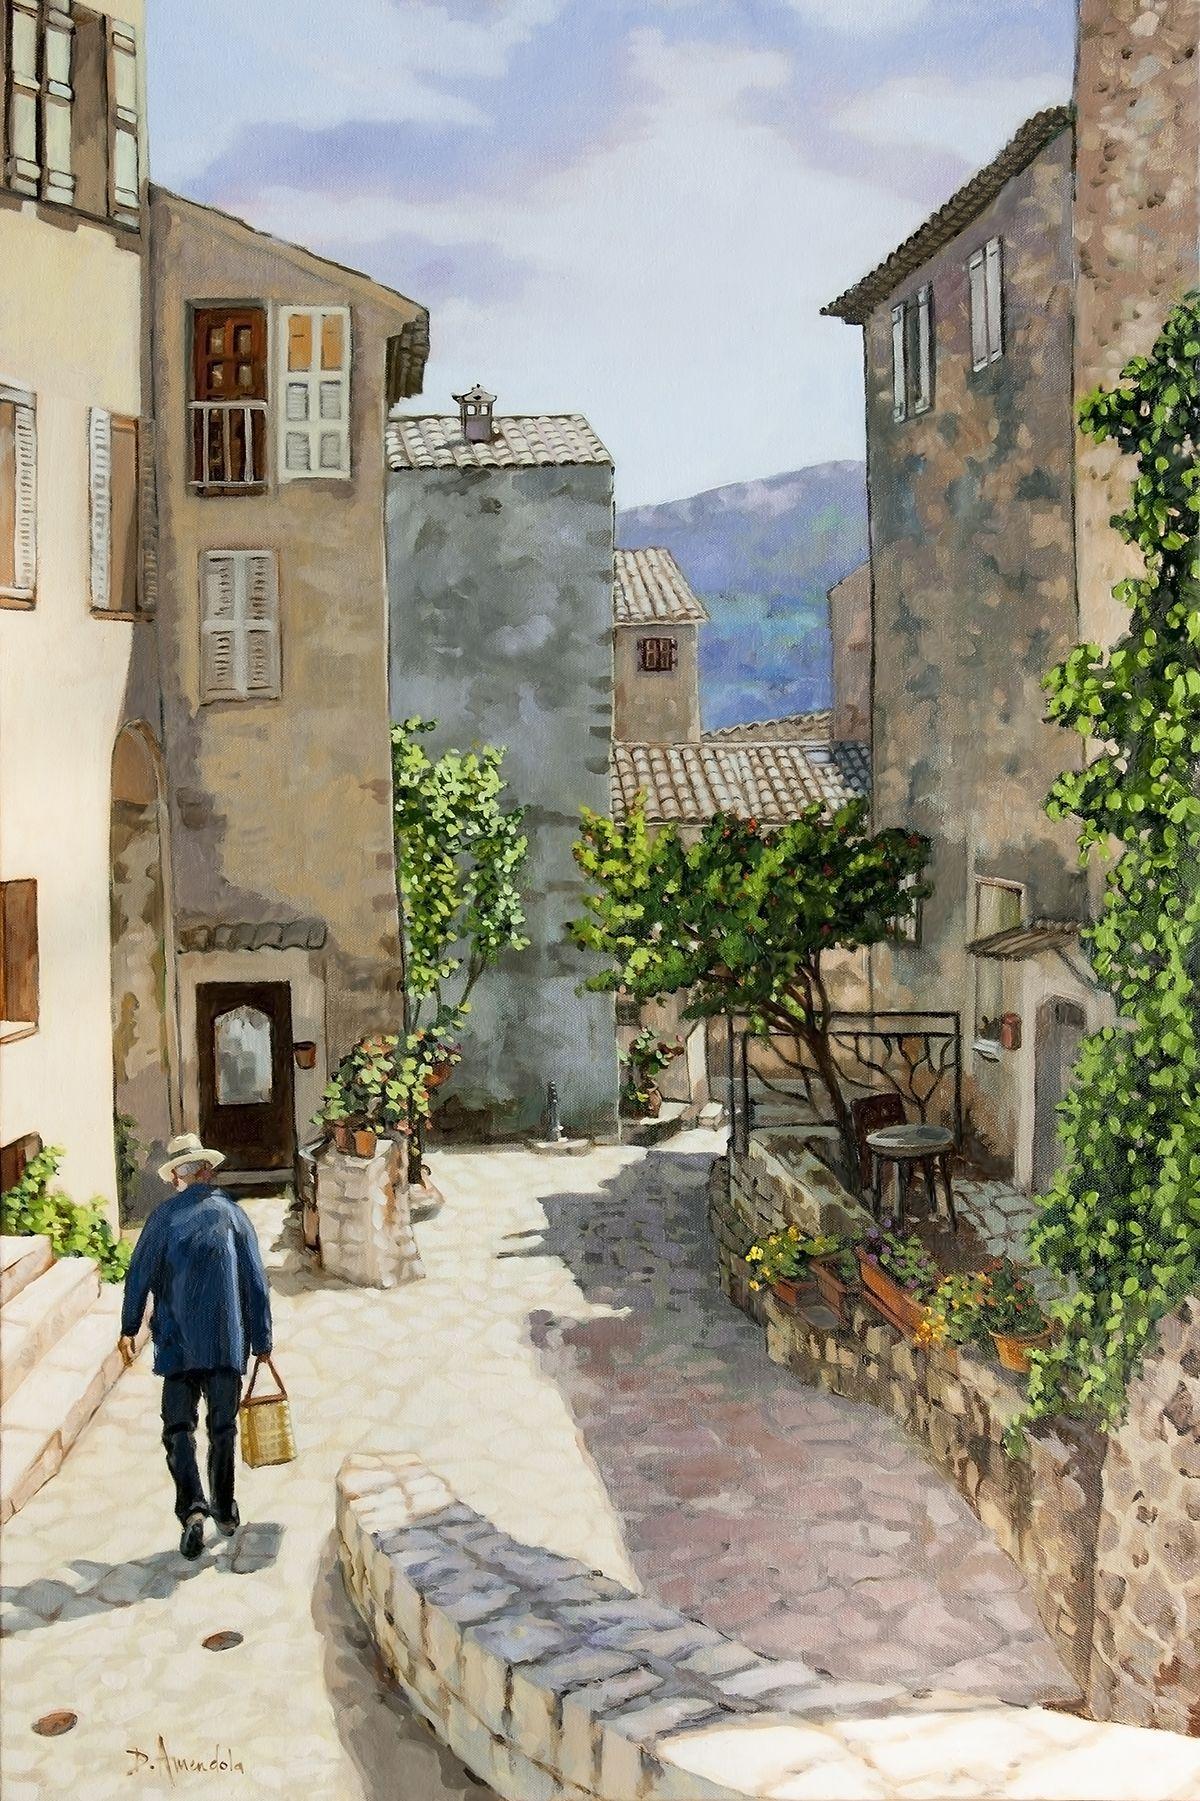 Carriero Du Pourtegue, Painting, Oil on Canvas